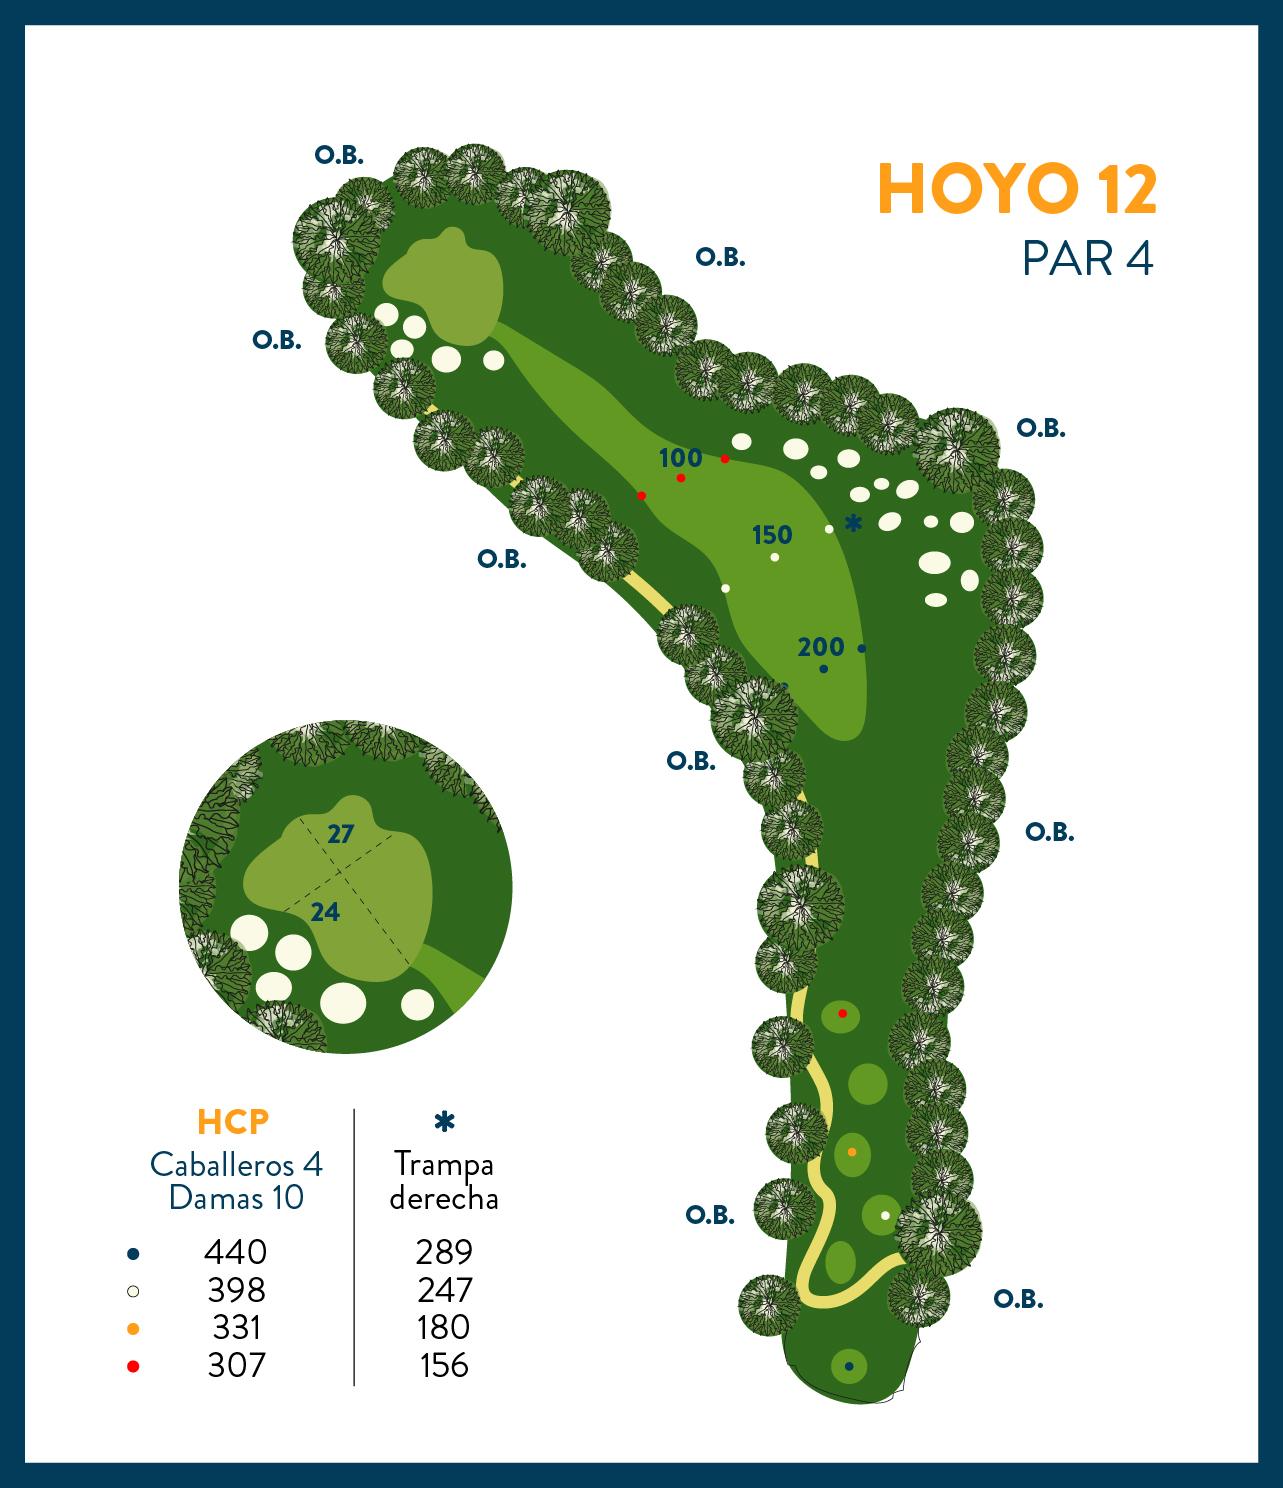 LH_hoyos-12